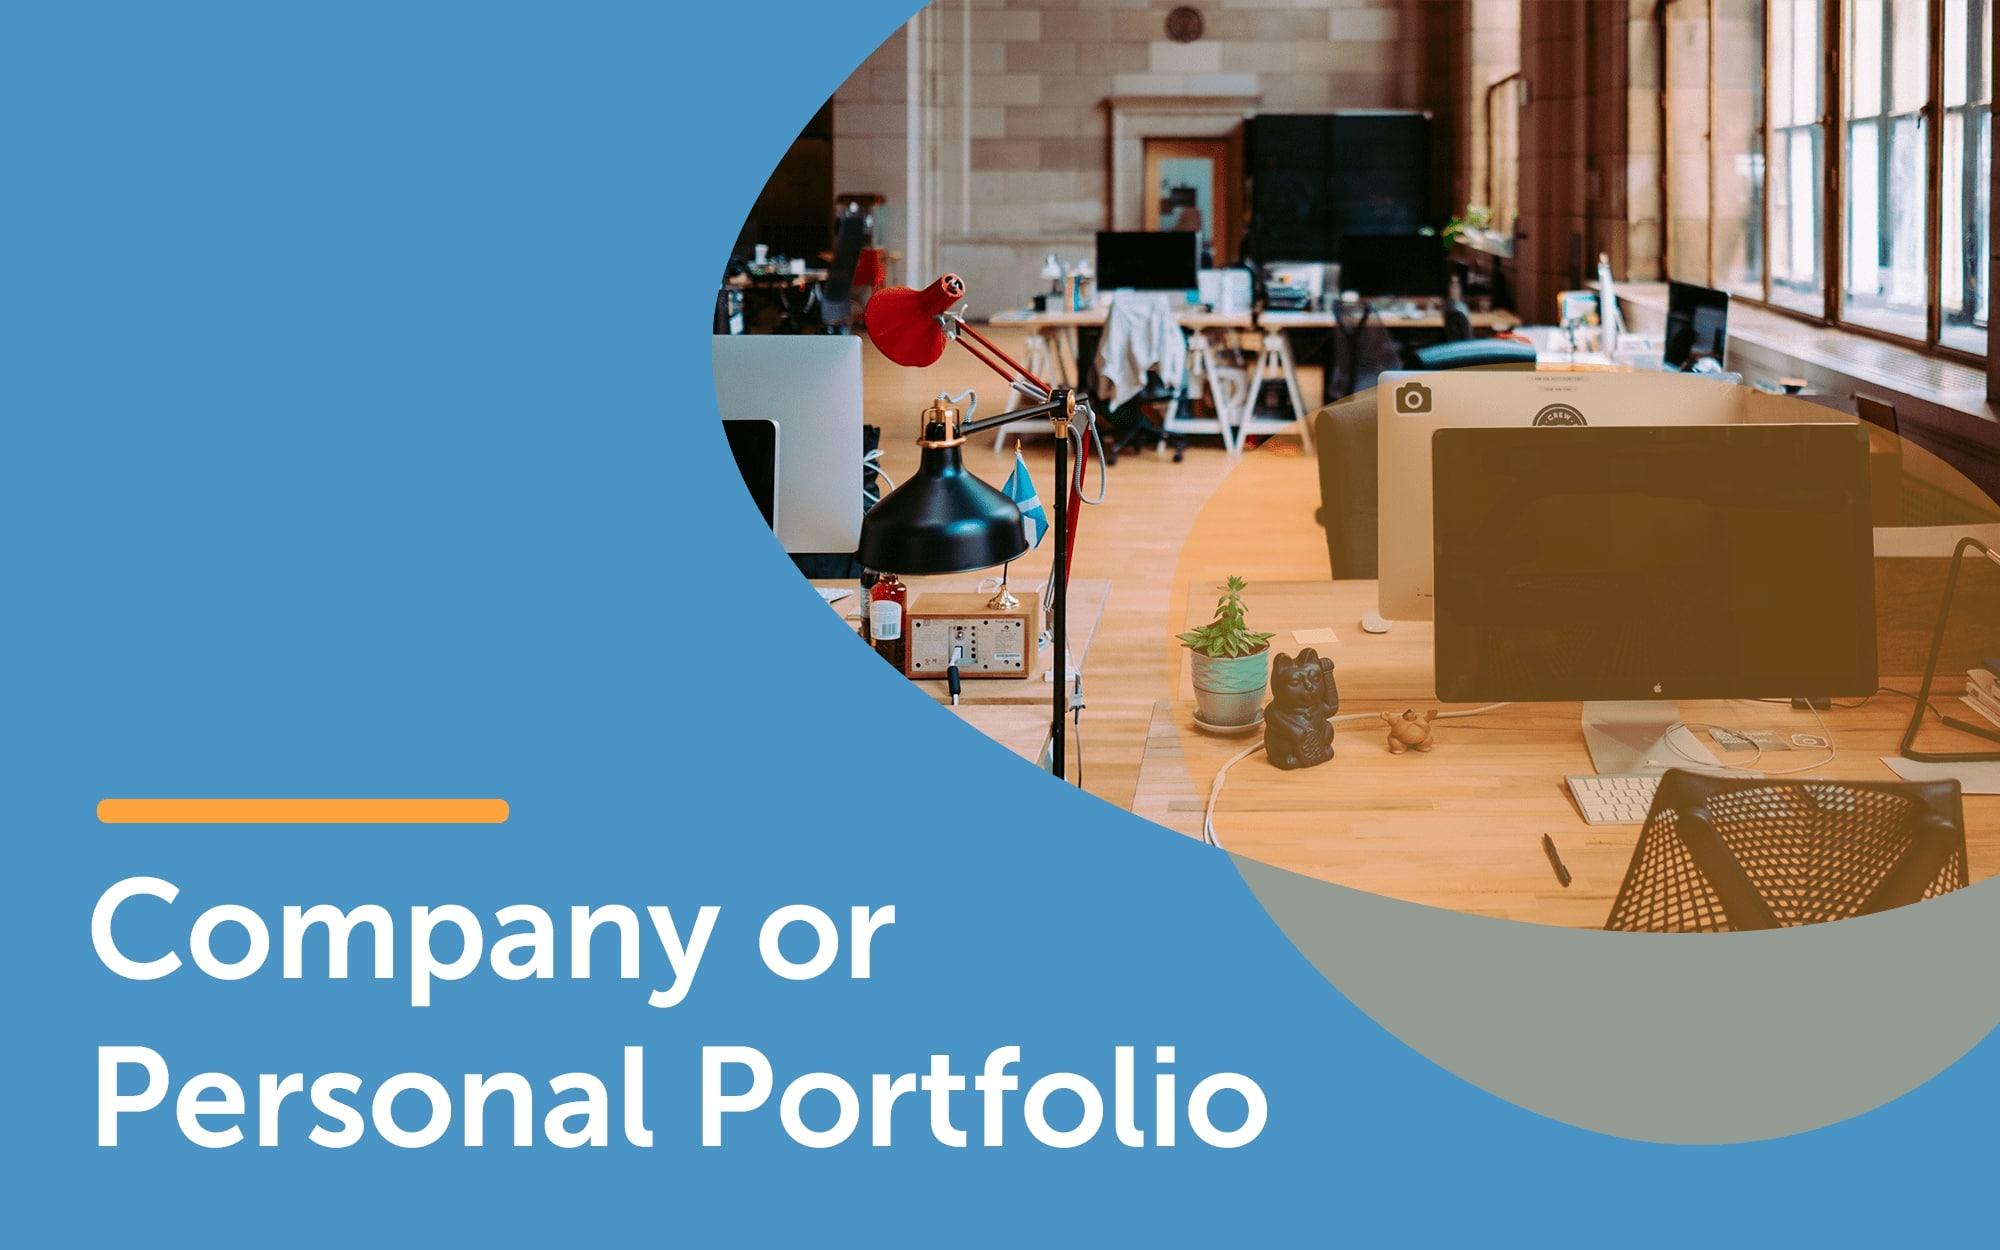 Company or personal portfolio template